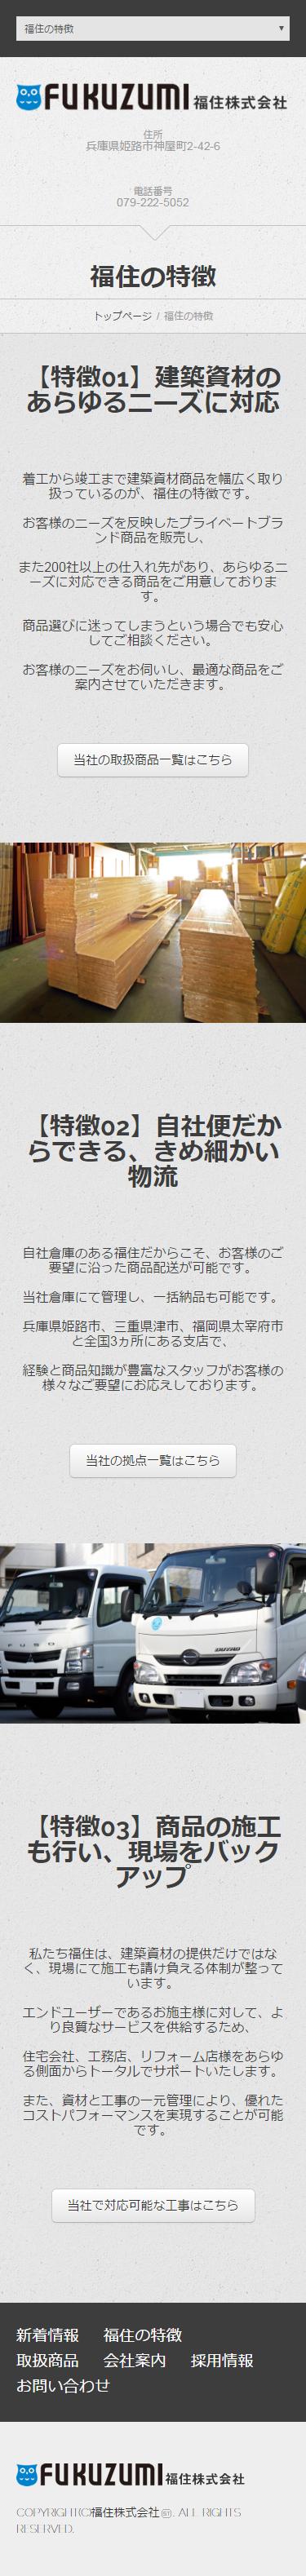 福住株式会社様4